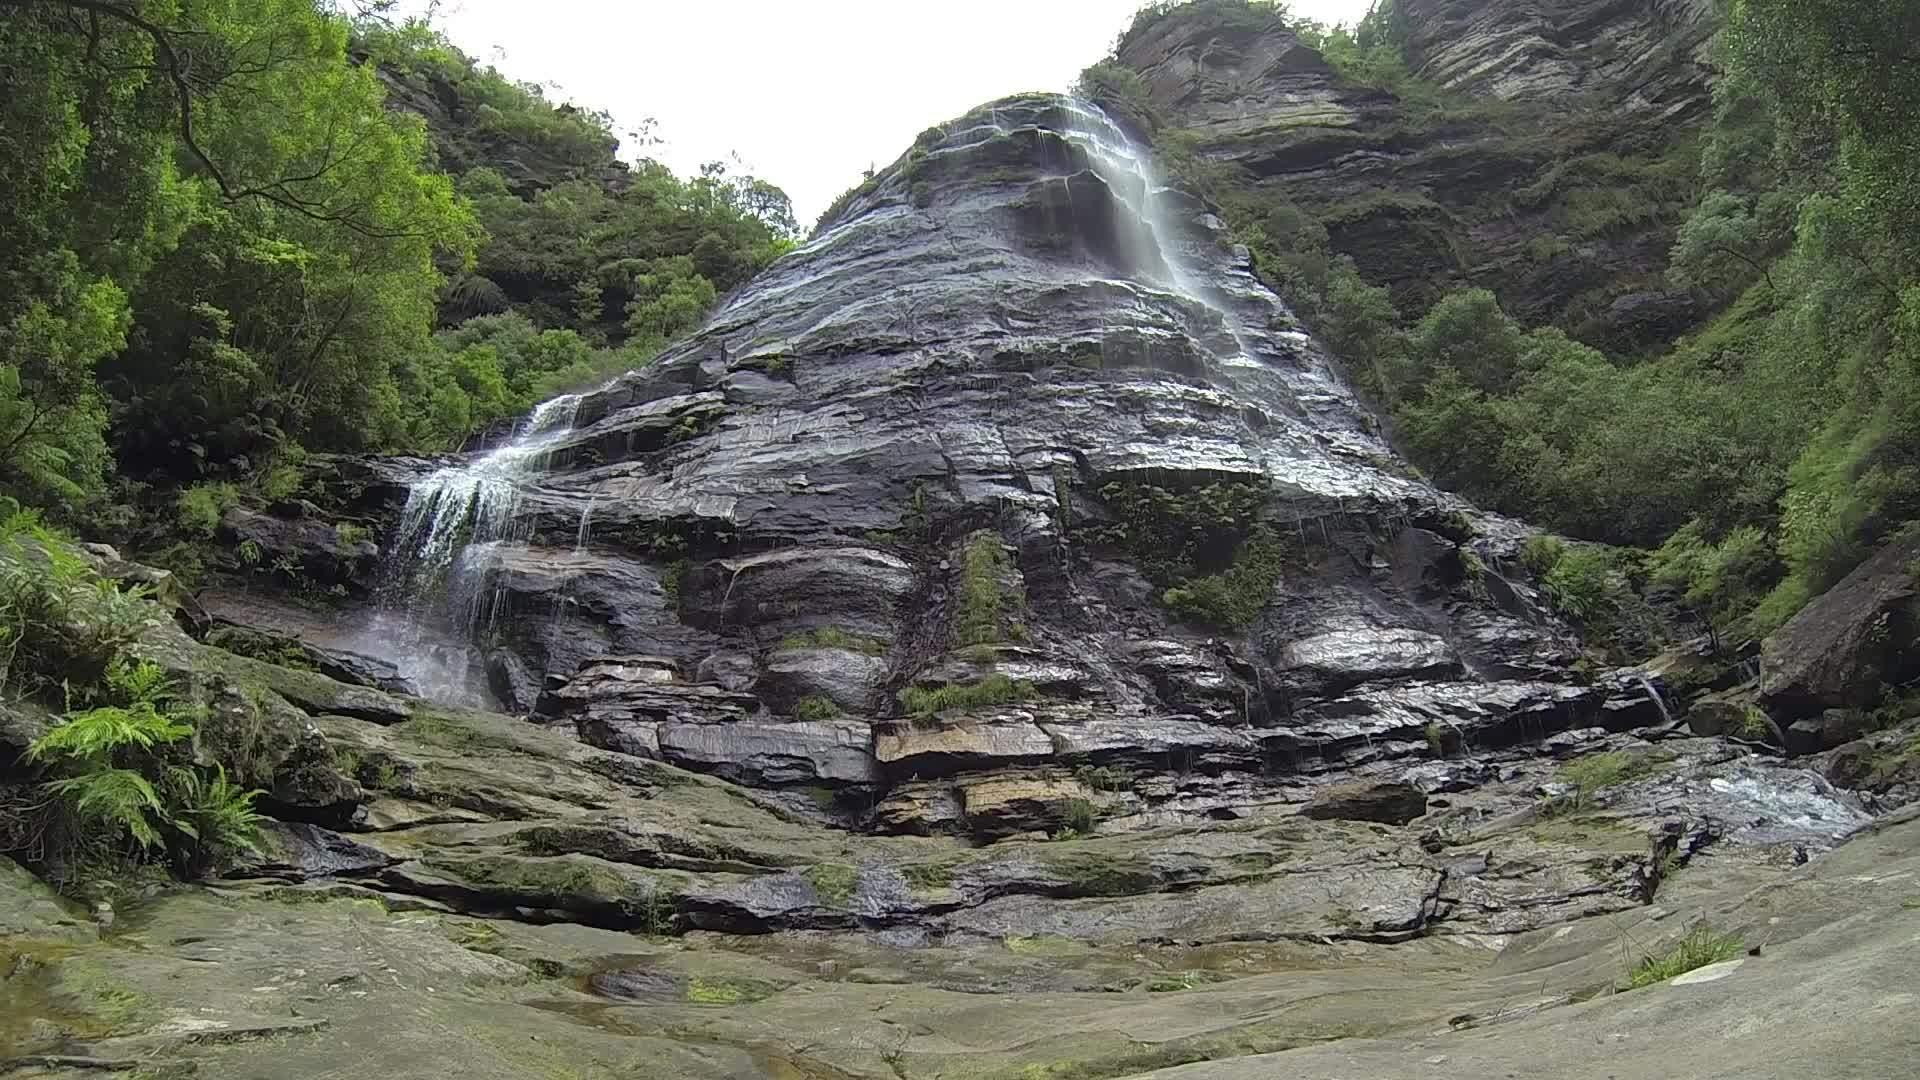 earthgifs, naturegifs, waterfall, Leura Cascades, Blue Mountains GIFs